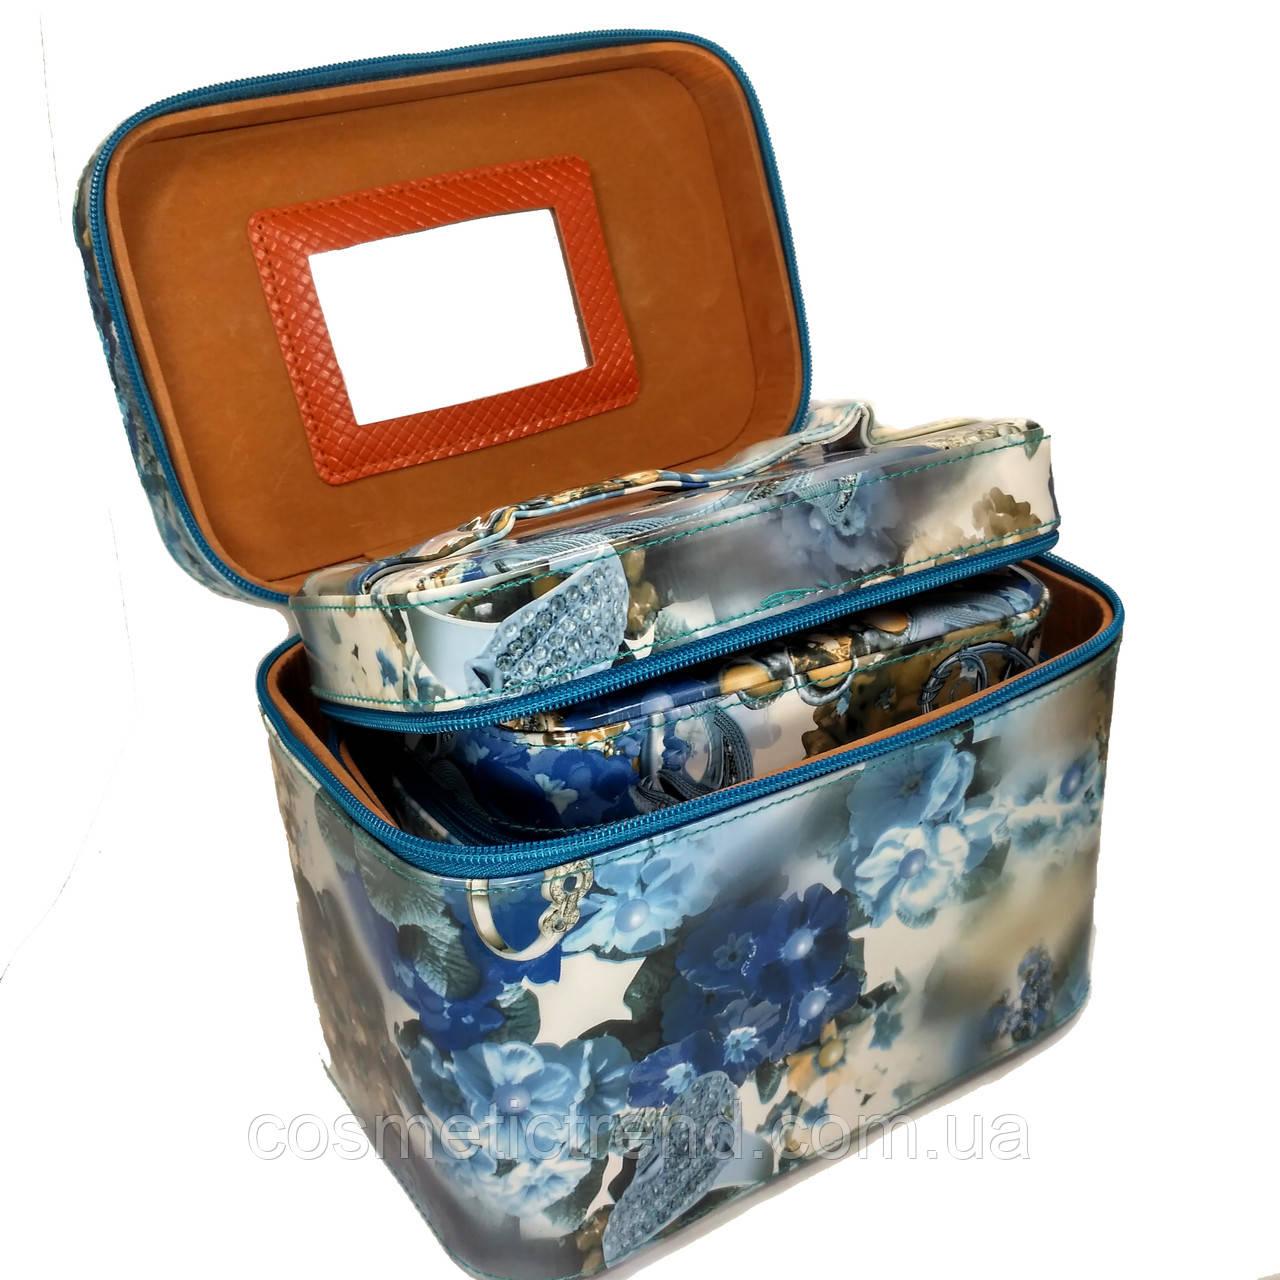 Шкатулка-бьютикейс для украшений и косметики с зеркалом Light blue/grey CR-110-MD (размер M 20*12,5*14 см)